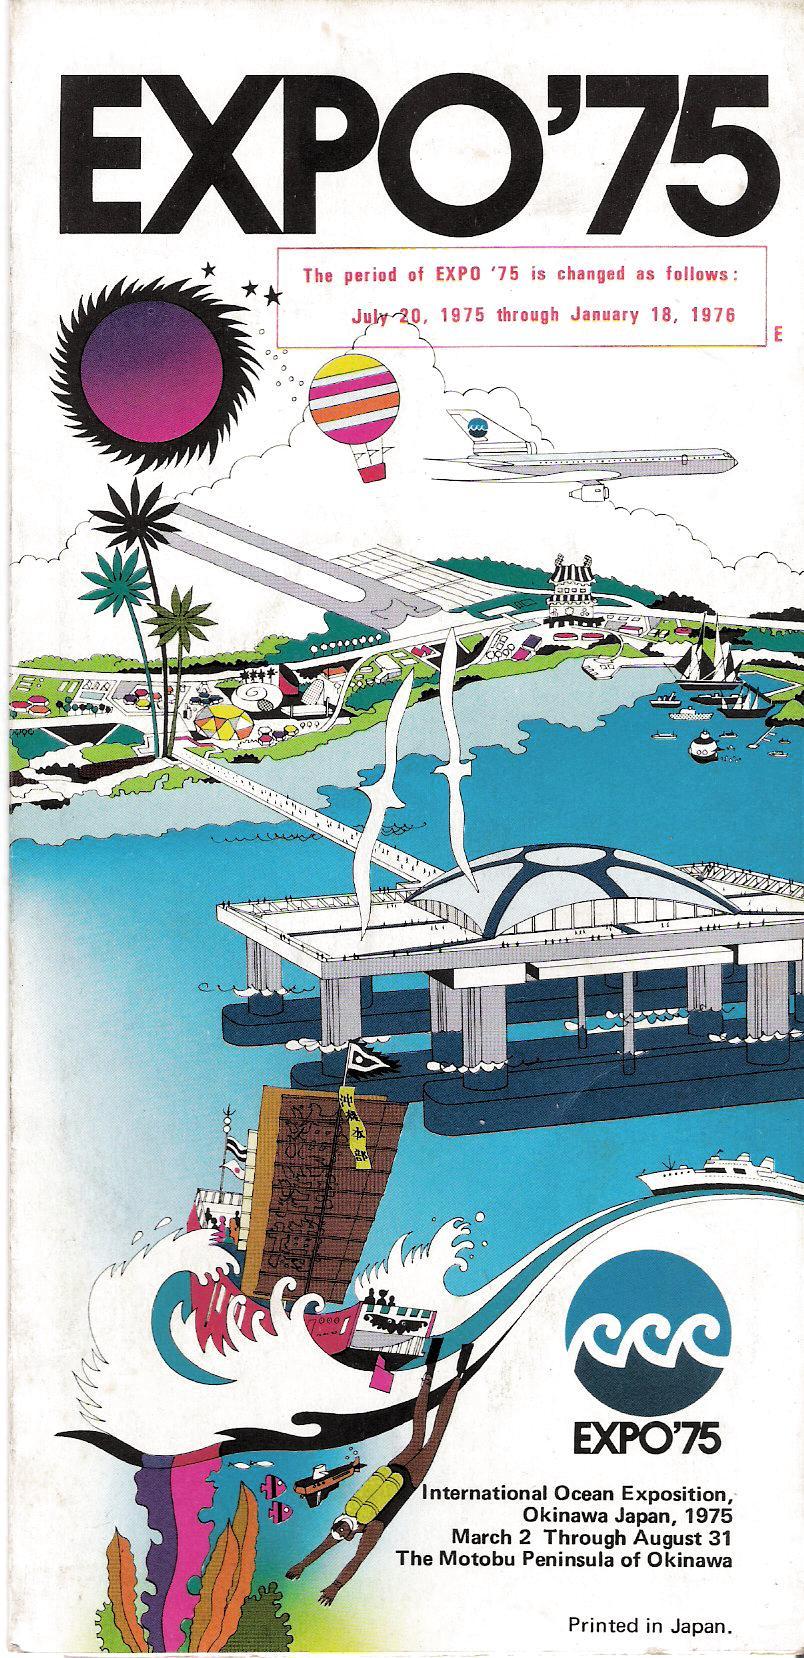 Expo 75 Brochure 1975 Okinawa Japan Expo 75 World